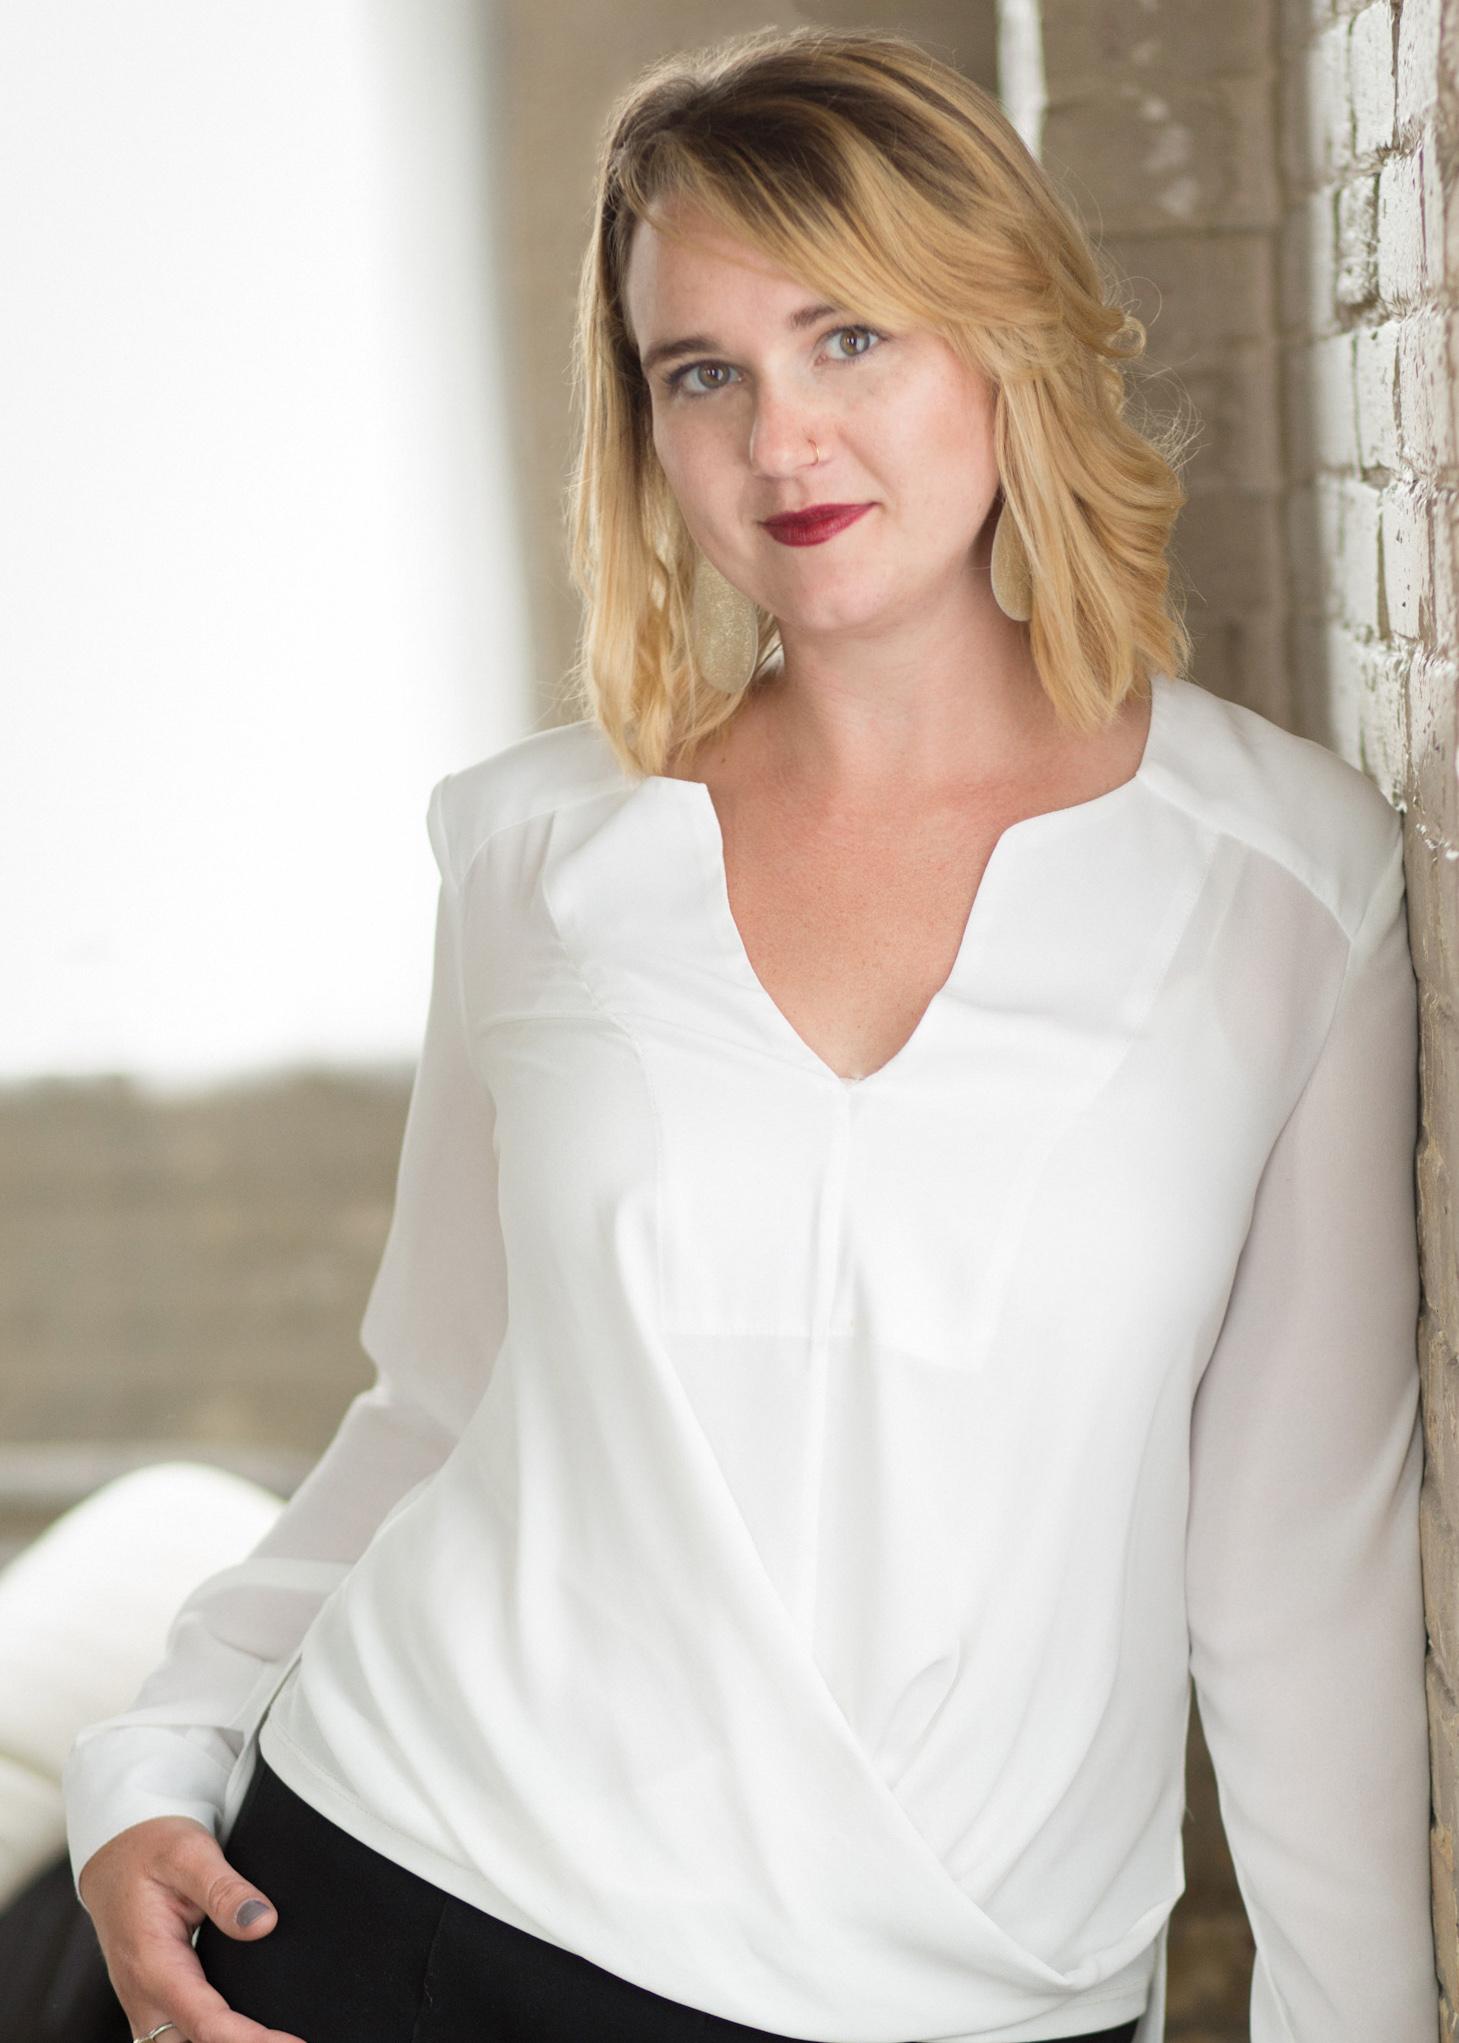 Kristin Hardwick - Branding Photographer + Strategist